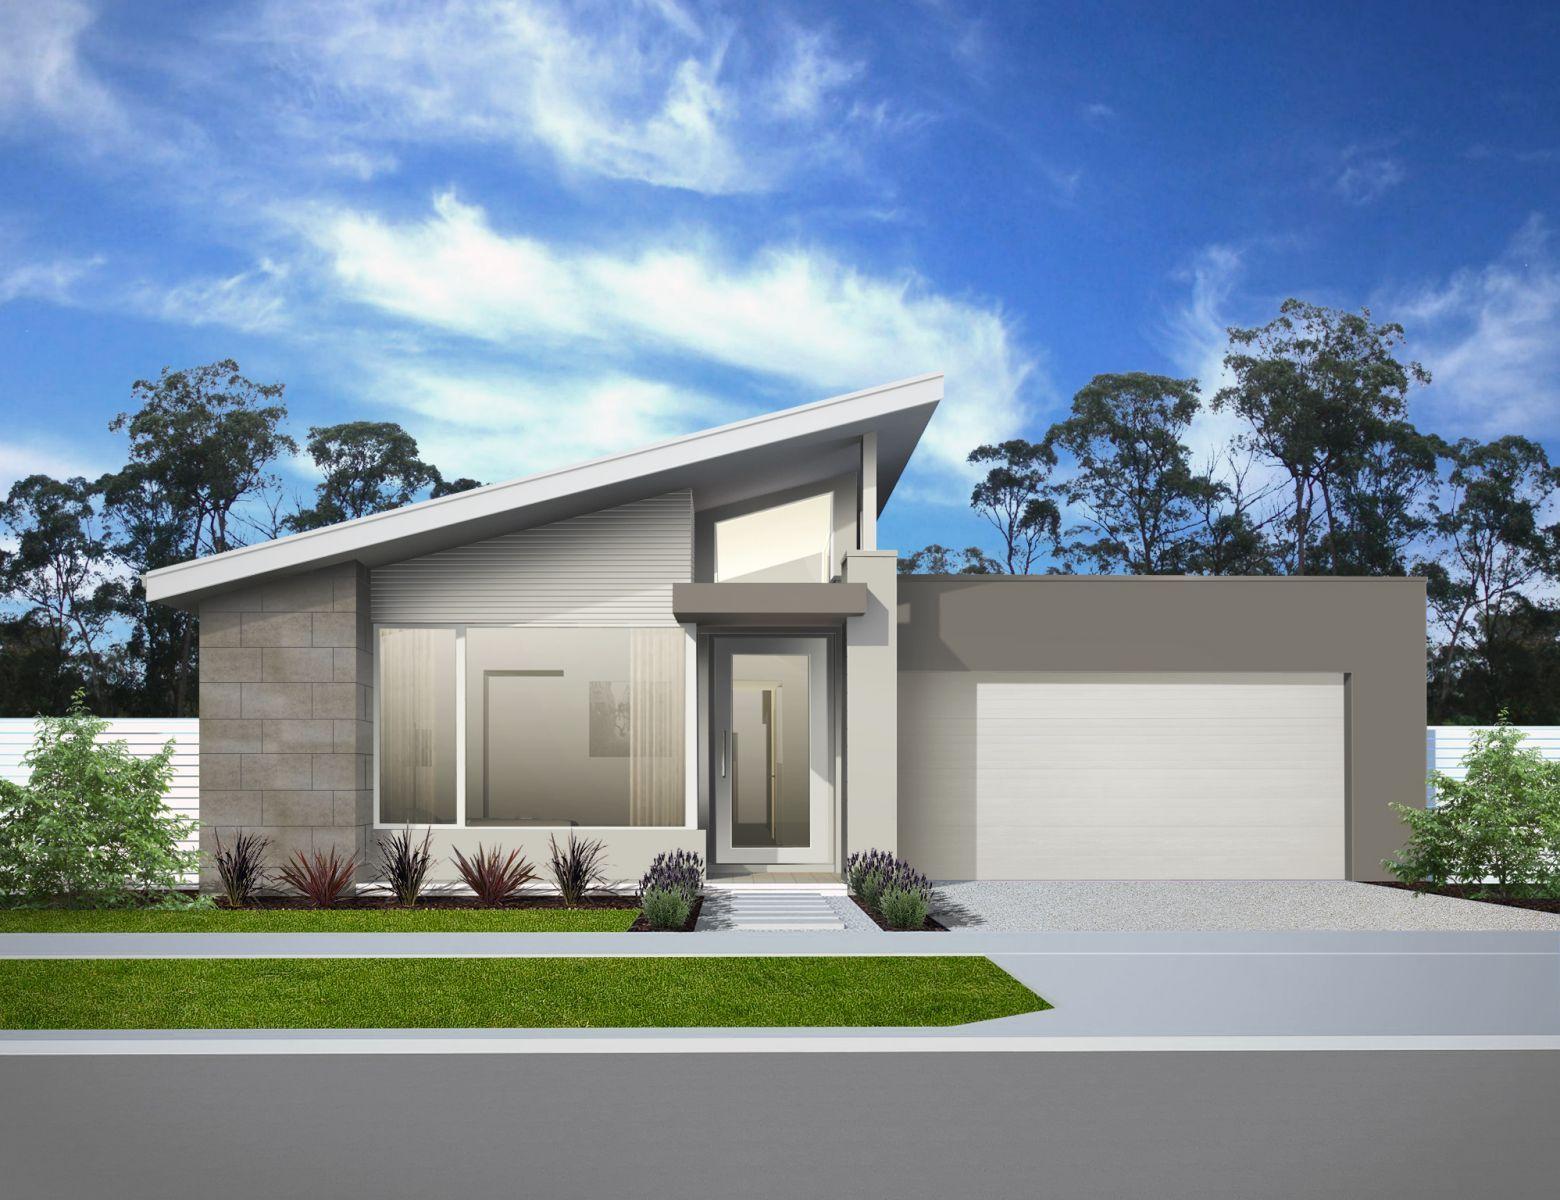 Skillion roof facade google search house facade for Small house facade design